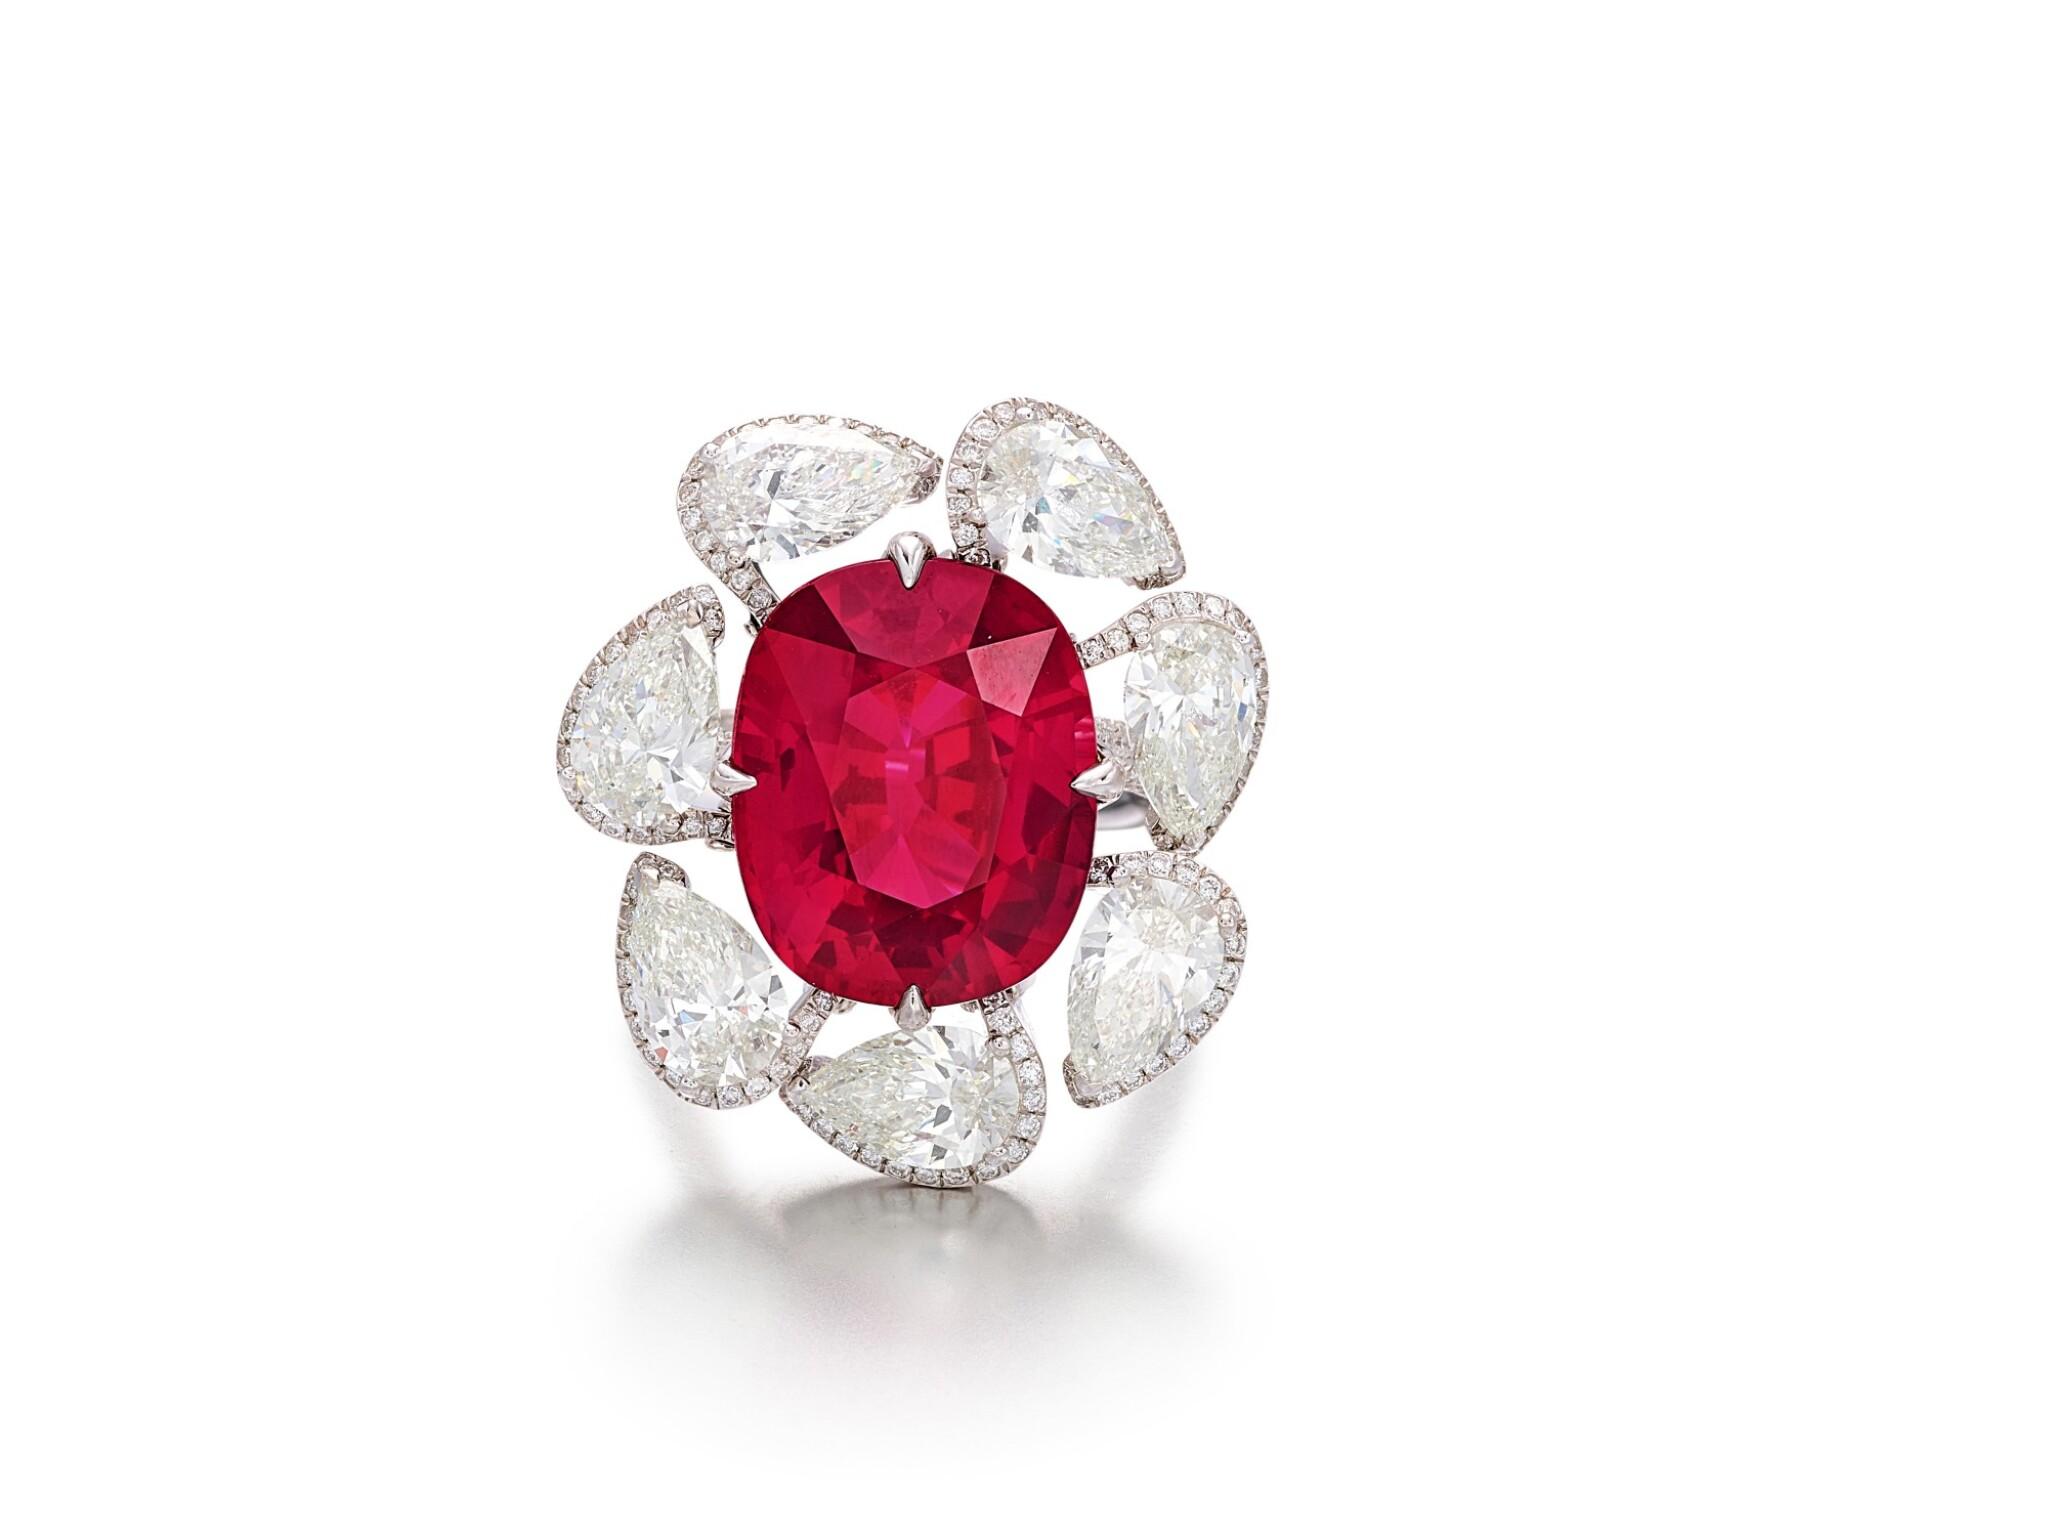 View full screen - View 1 of Lot 1732. Ruby and Diamond Ring | 15.45克拉 天然「馬達加斯加」紅寶石 配 鑽石 戒指.